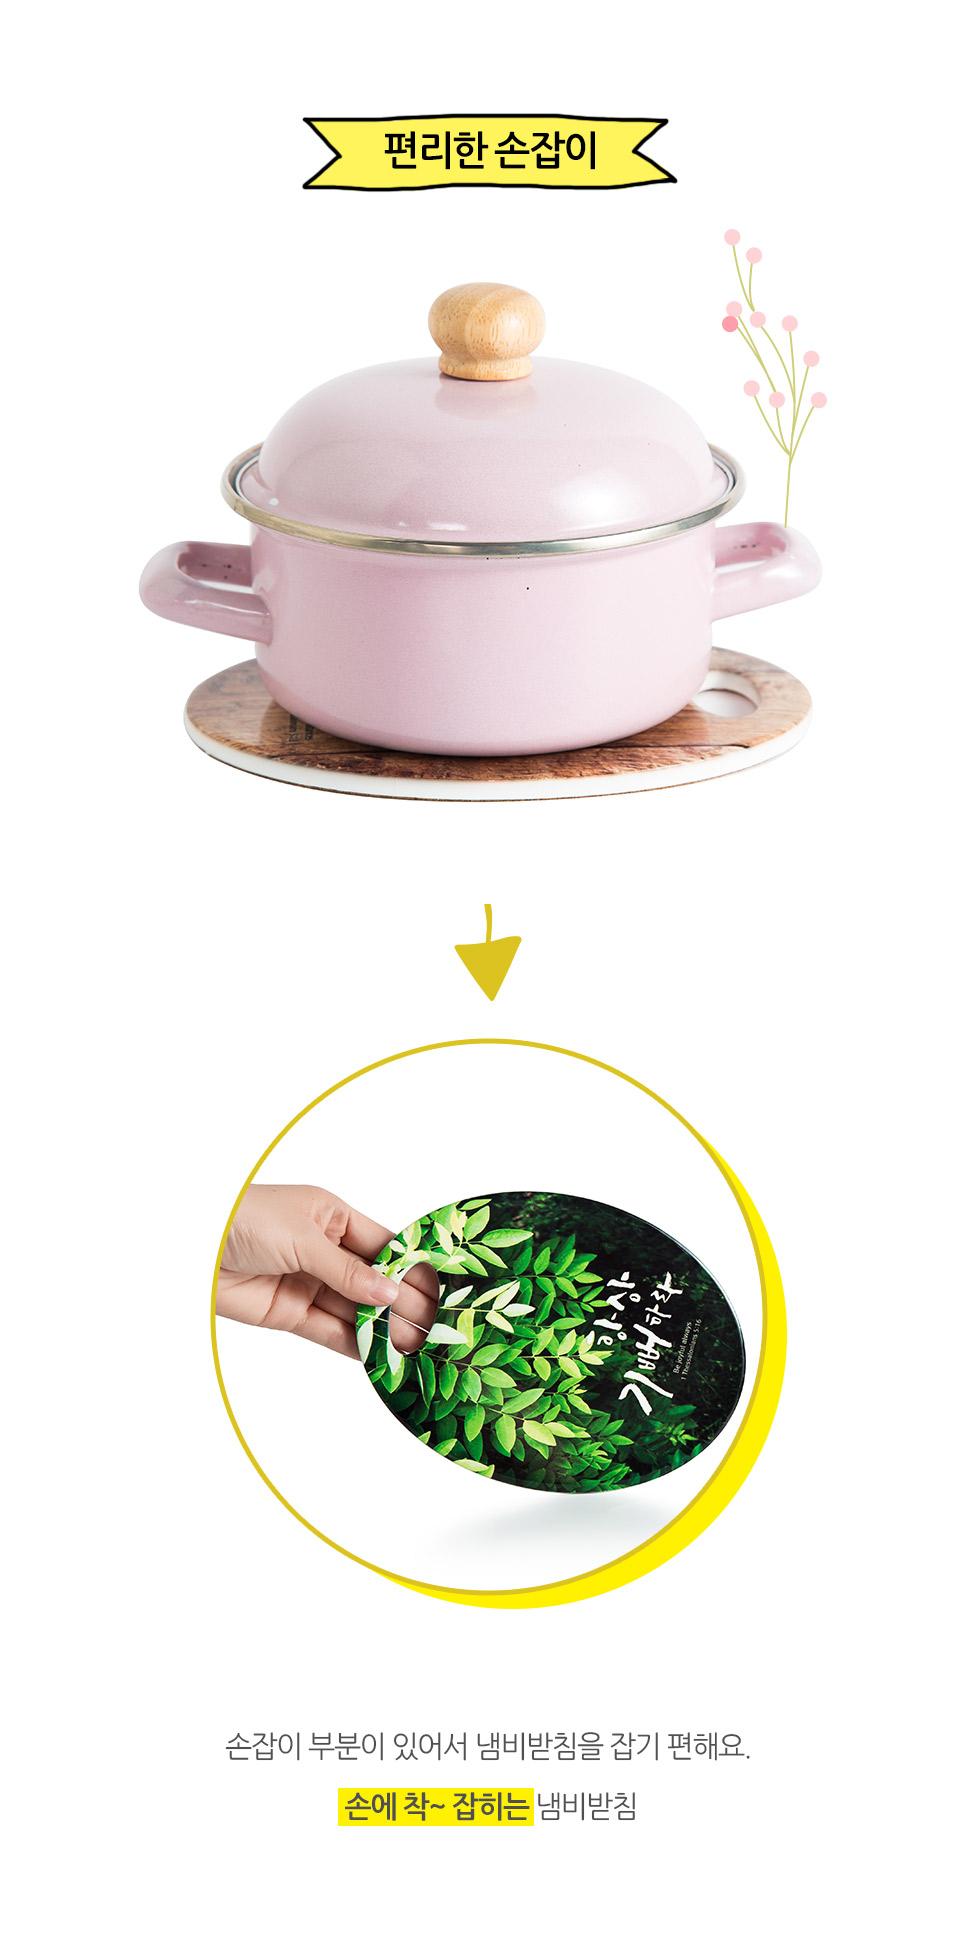 말씀이 있는 손잡이 냄비받침 손잡이가 있어 편리해요